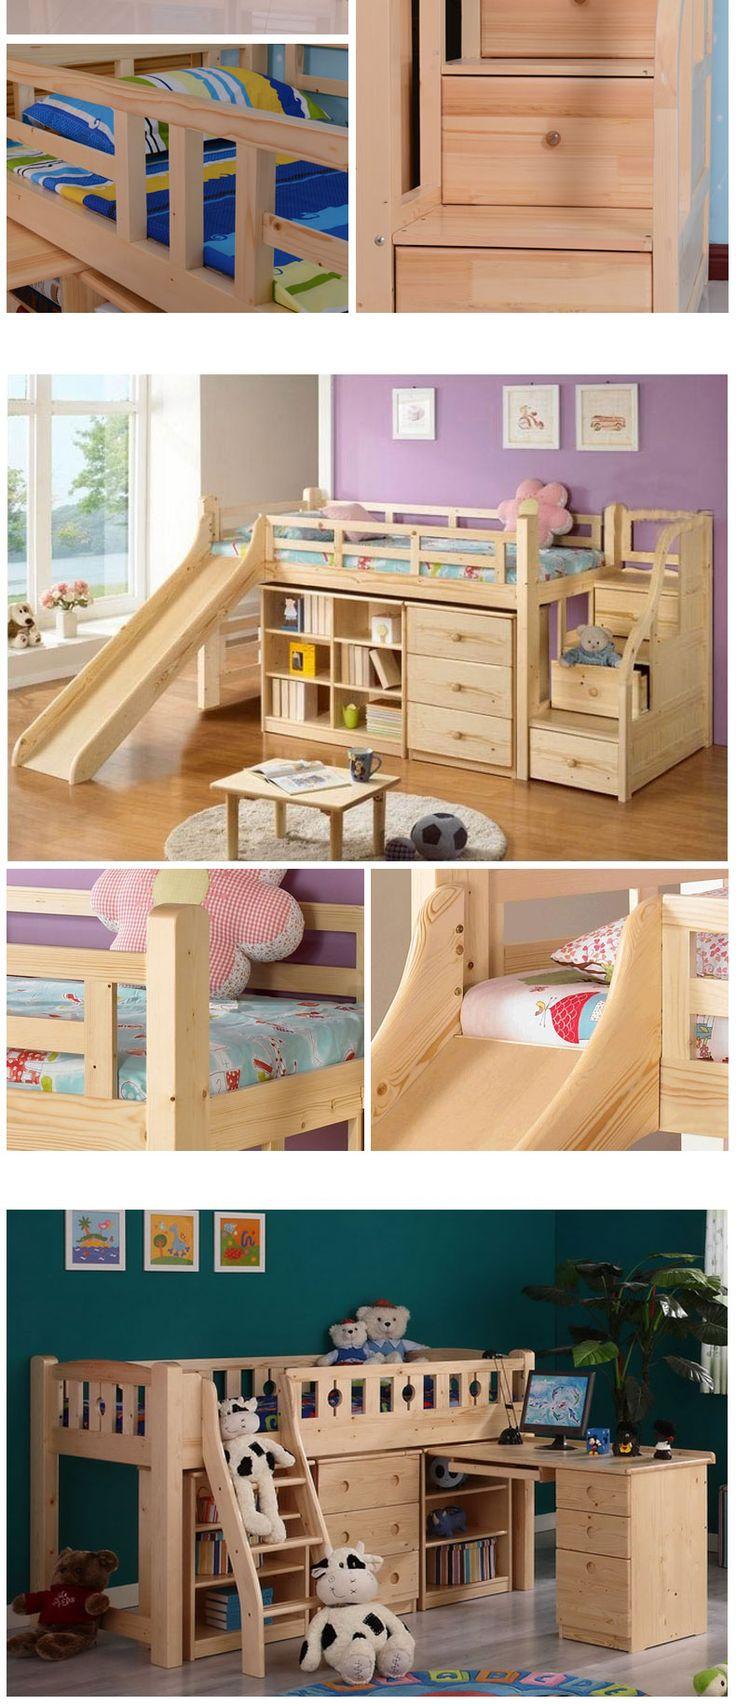 Многофункциональная игровая детская кровать из дерева с горкой, ящиками и полками для игрушек и вещей купить в интернет-магазине https://lafred.ru/catalog/catalog/detail/36835800190/